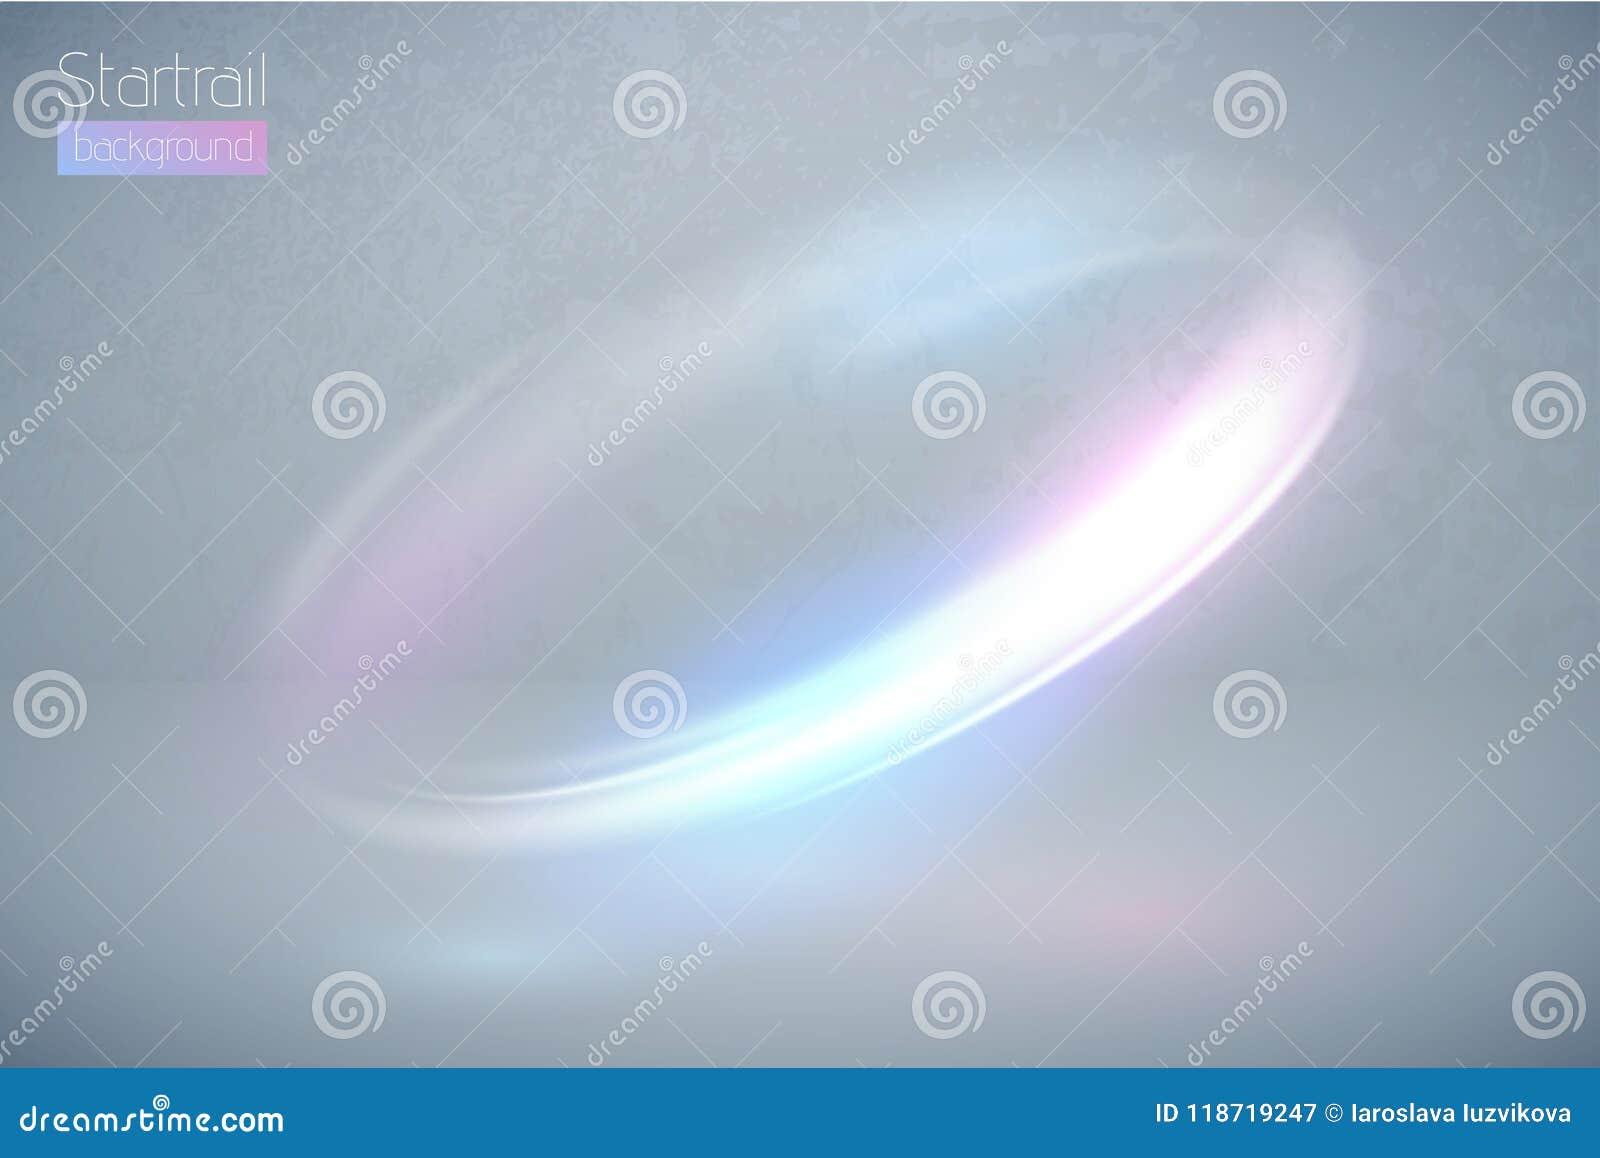 Световой эффект кругового пирофакела multicolor Абстрактная граница эллипсиса галактики Роскошная сияющая вращательная линия заре